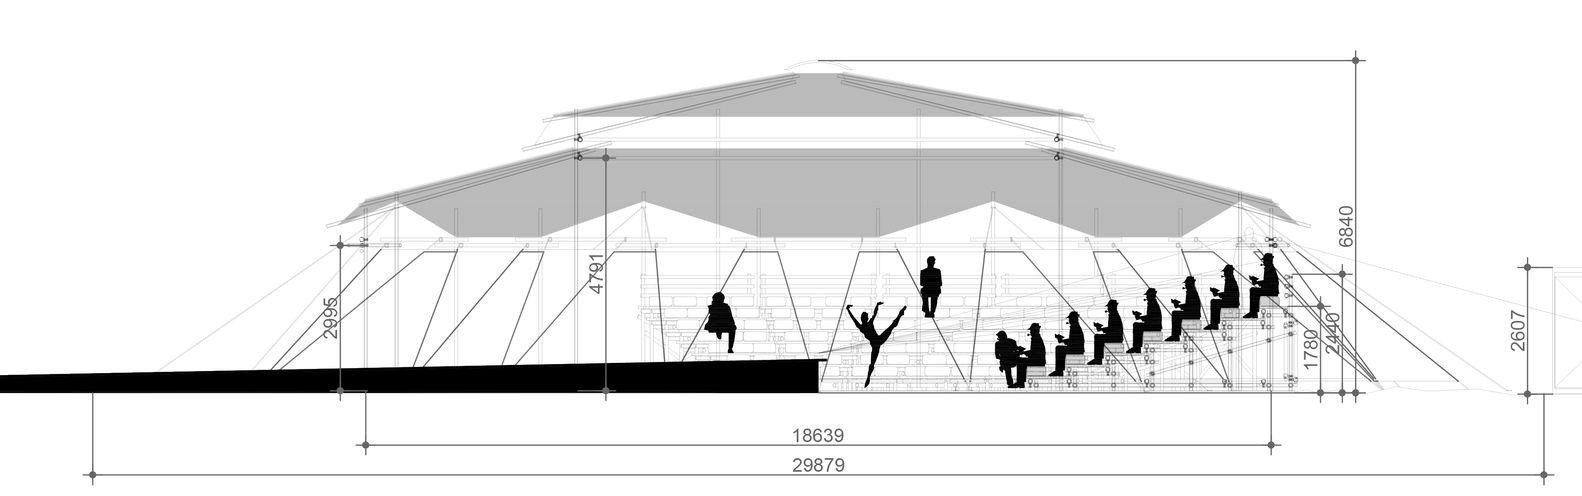 Cómo construir un teatro en la arena con una liviana estructura ...